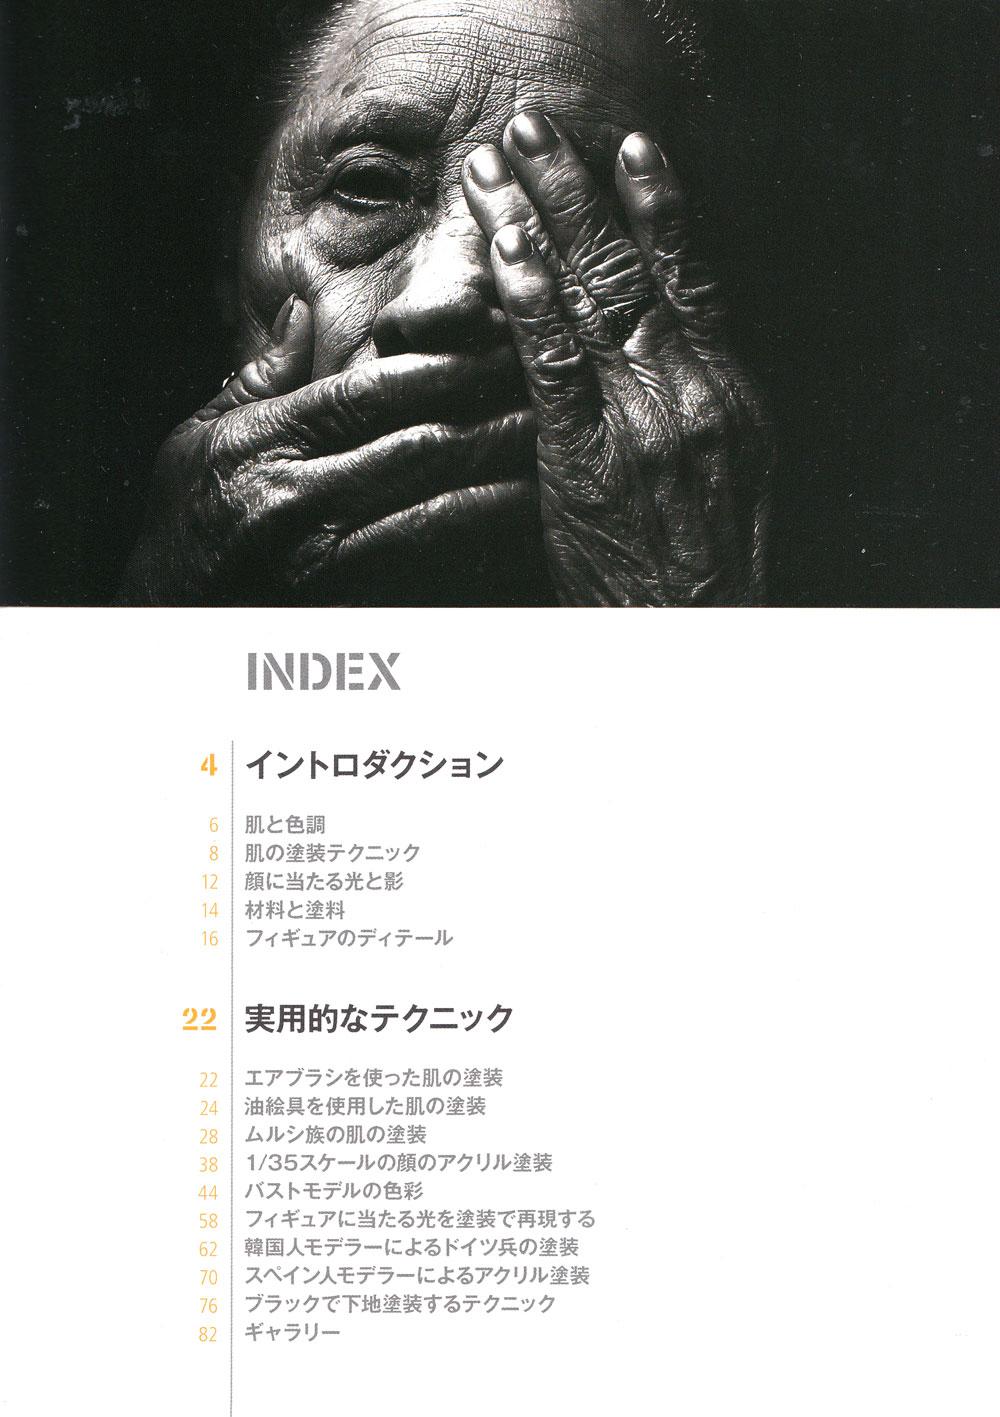 フレッシュ & スキン フィギュア塗装テクニックガイド本(モデルアートAKラーニングシリーズNo.006)商品画像_1